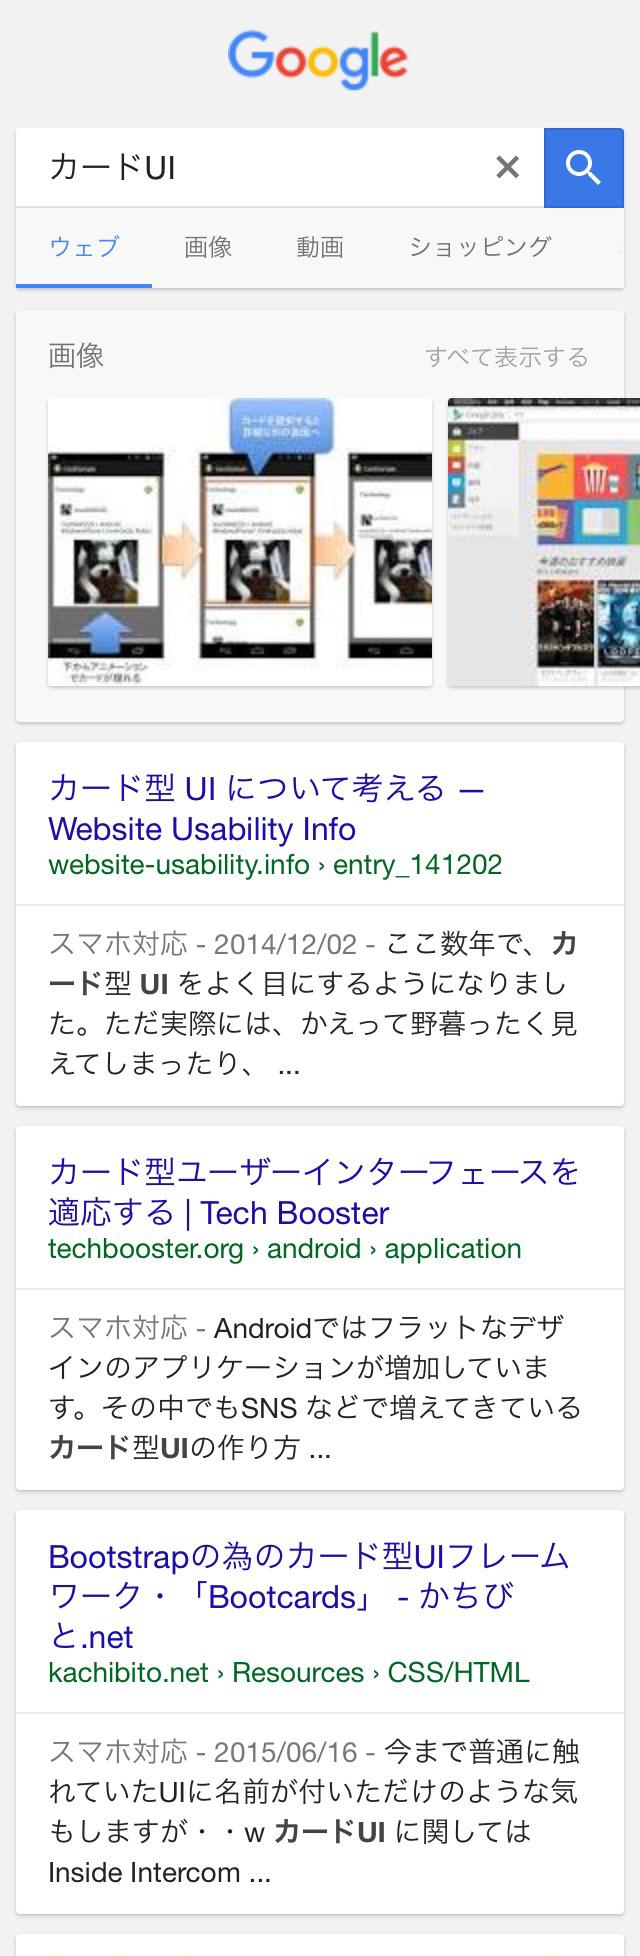 iPhone での Google 検索結果表示